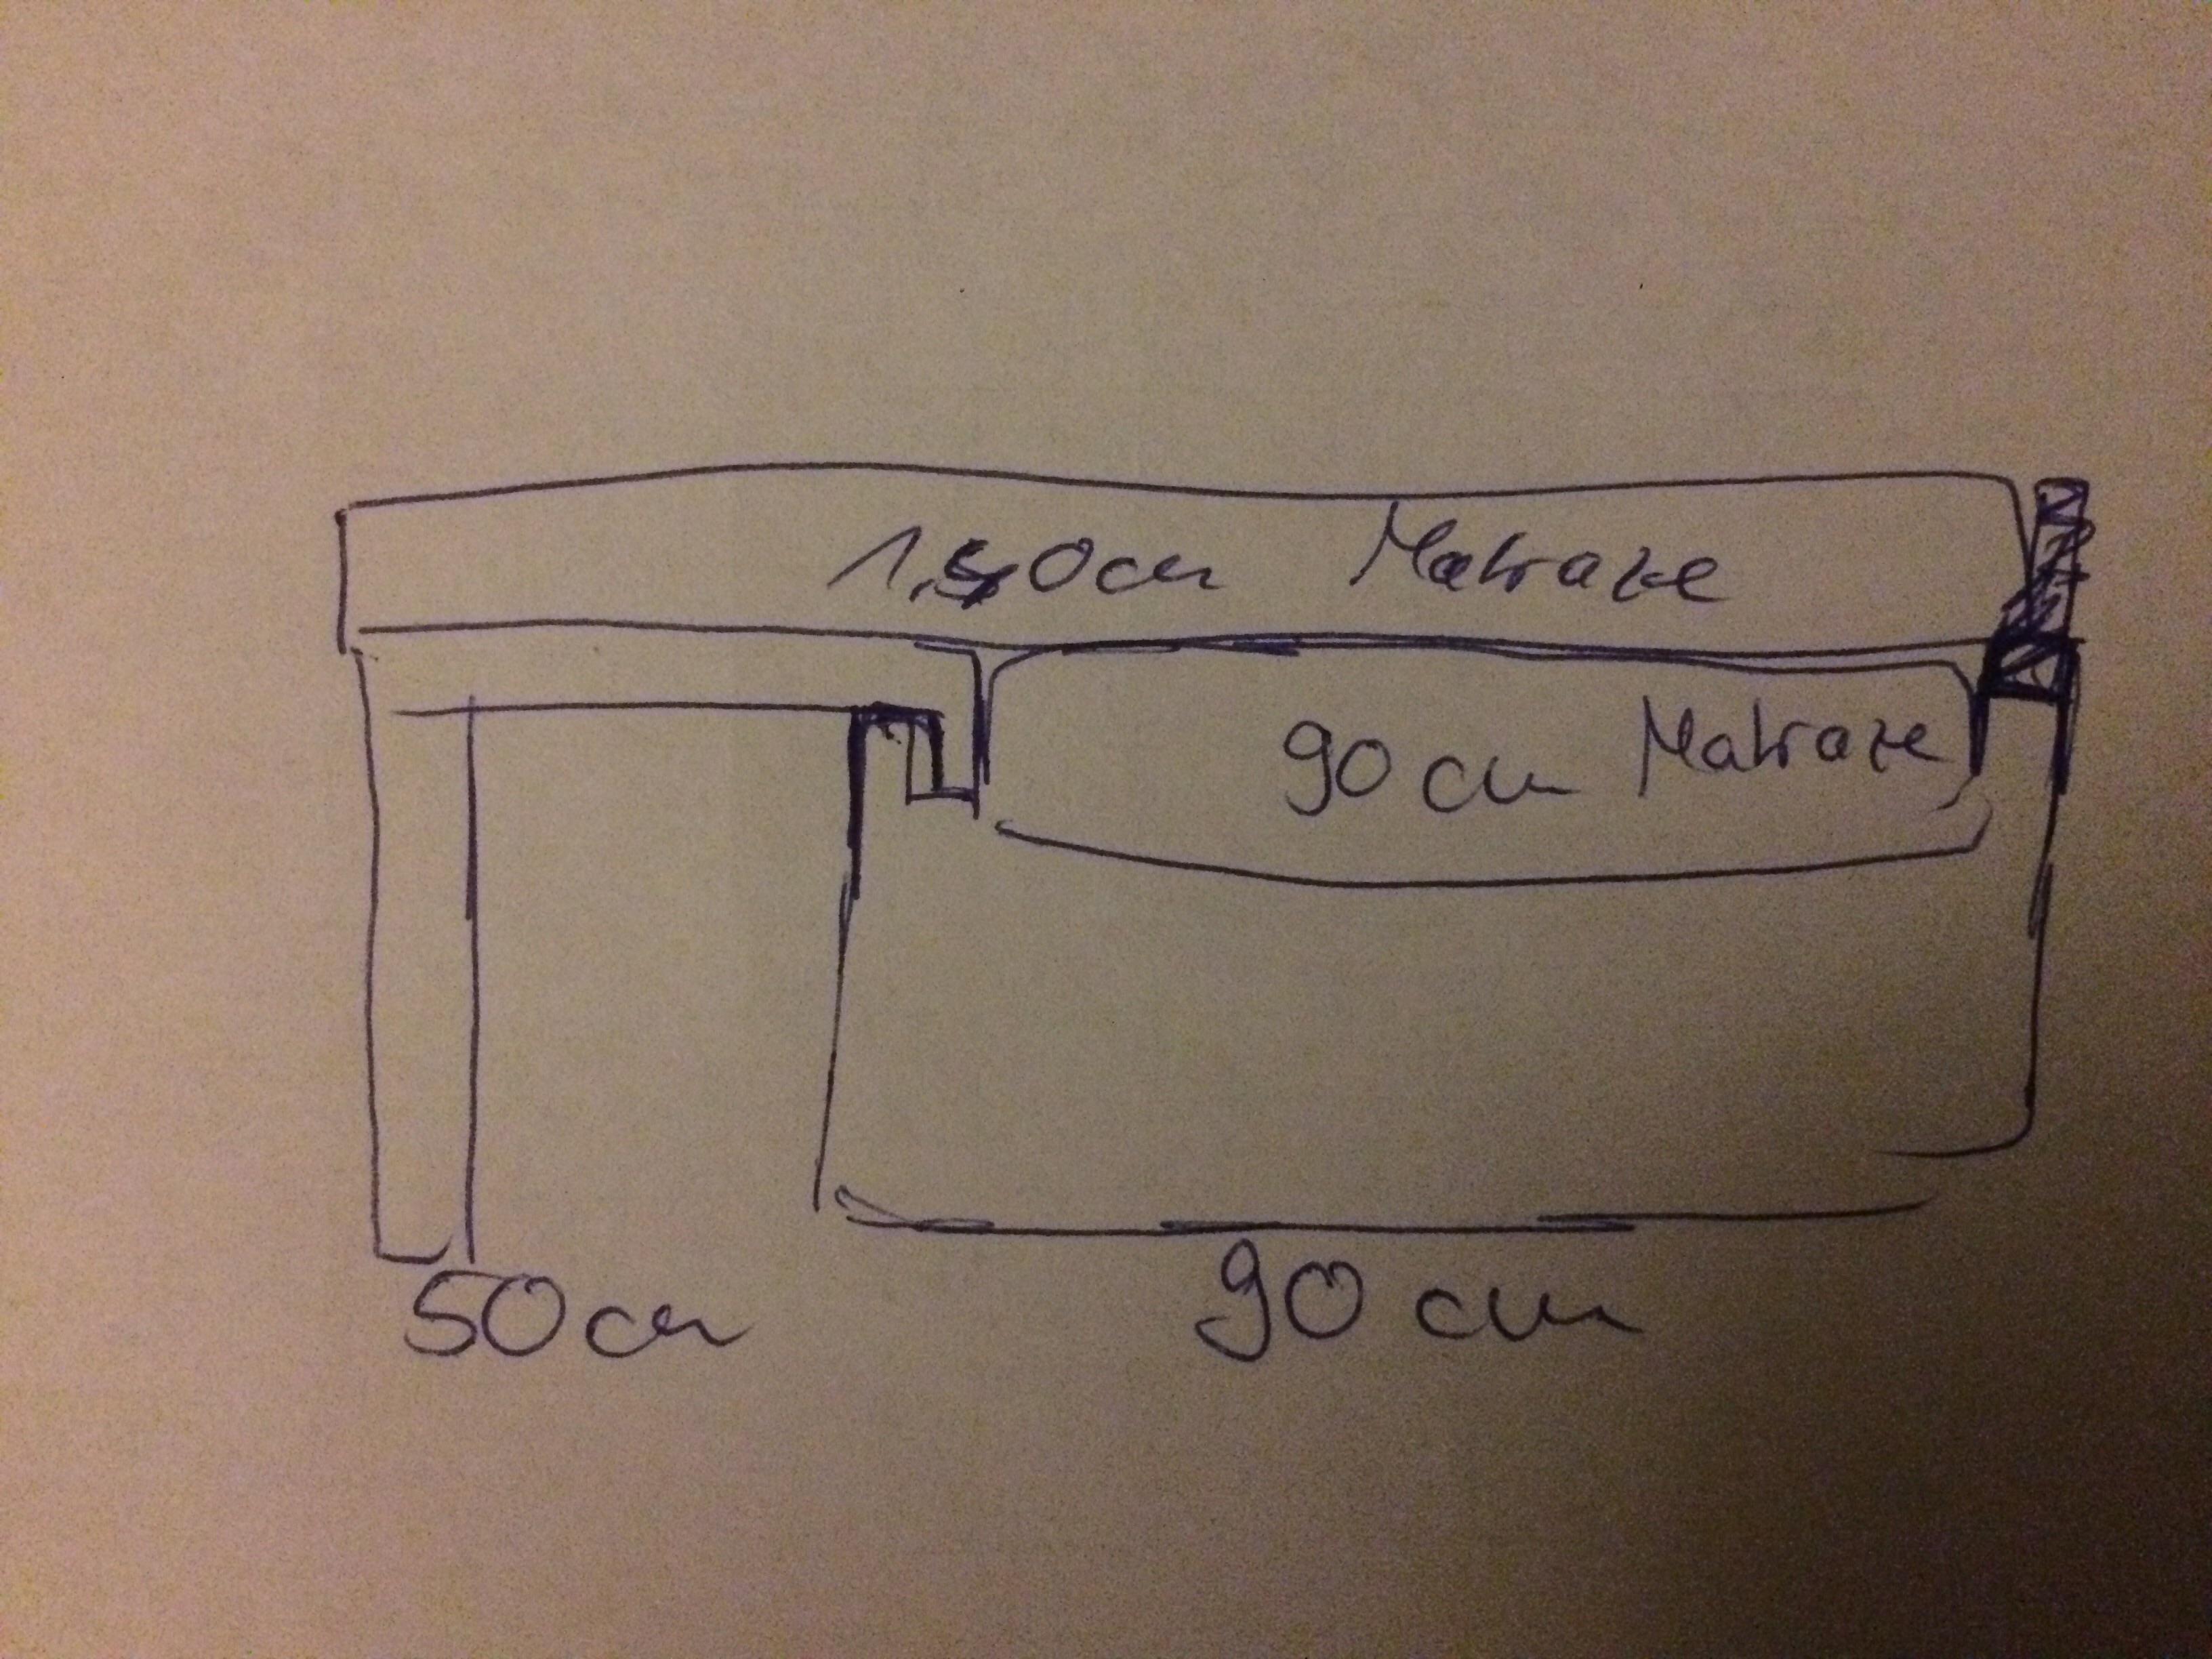 90cm Bett auf 1,40m erweitern + Bild? (Handwerk, handwerklich)